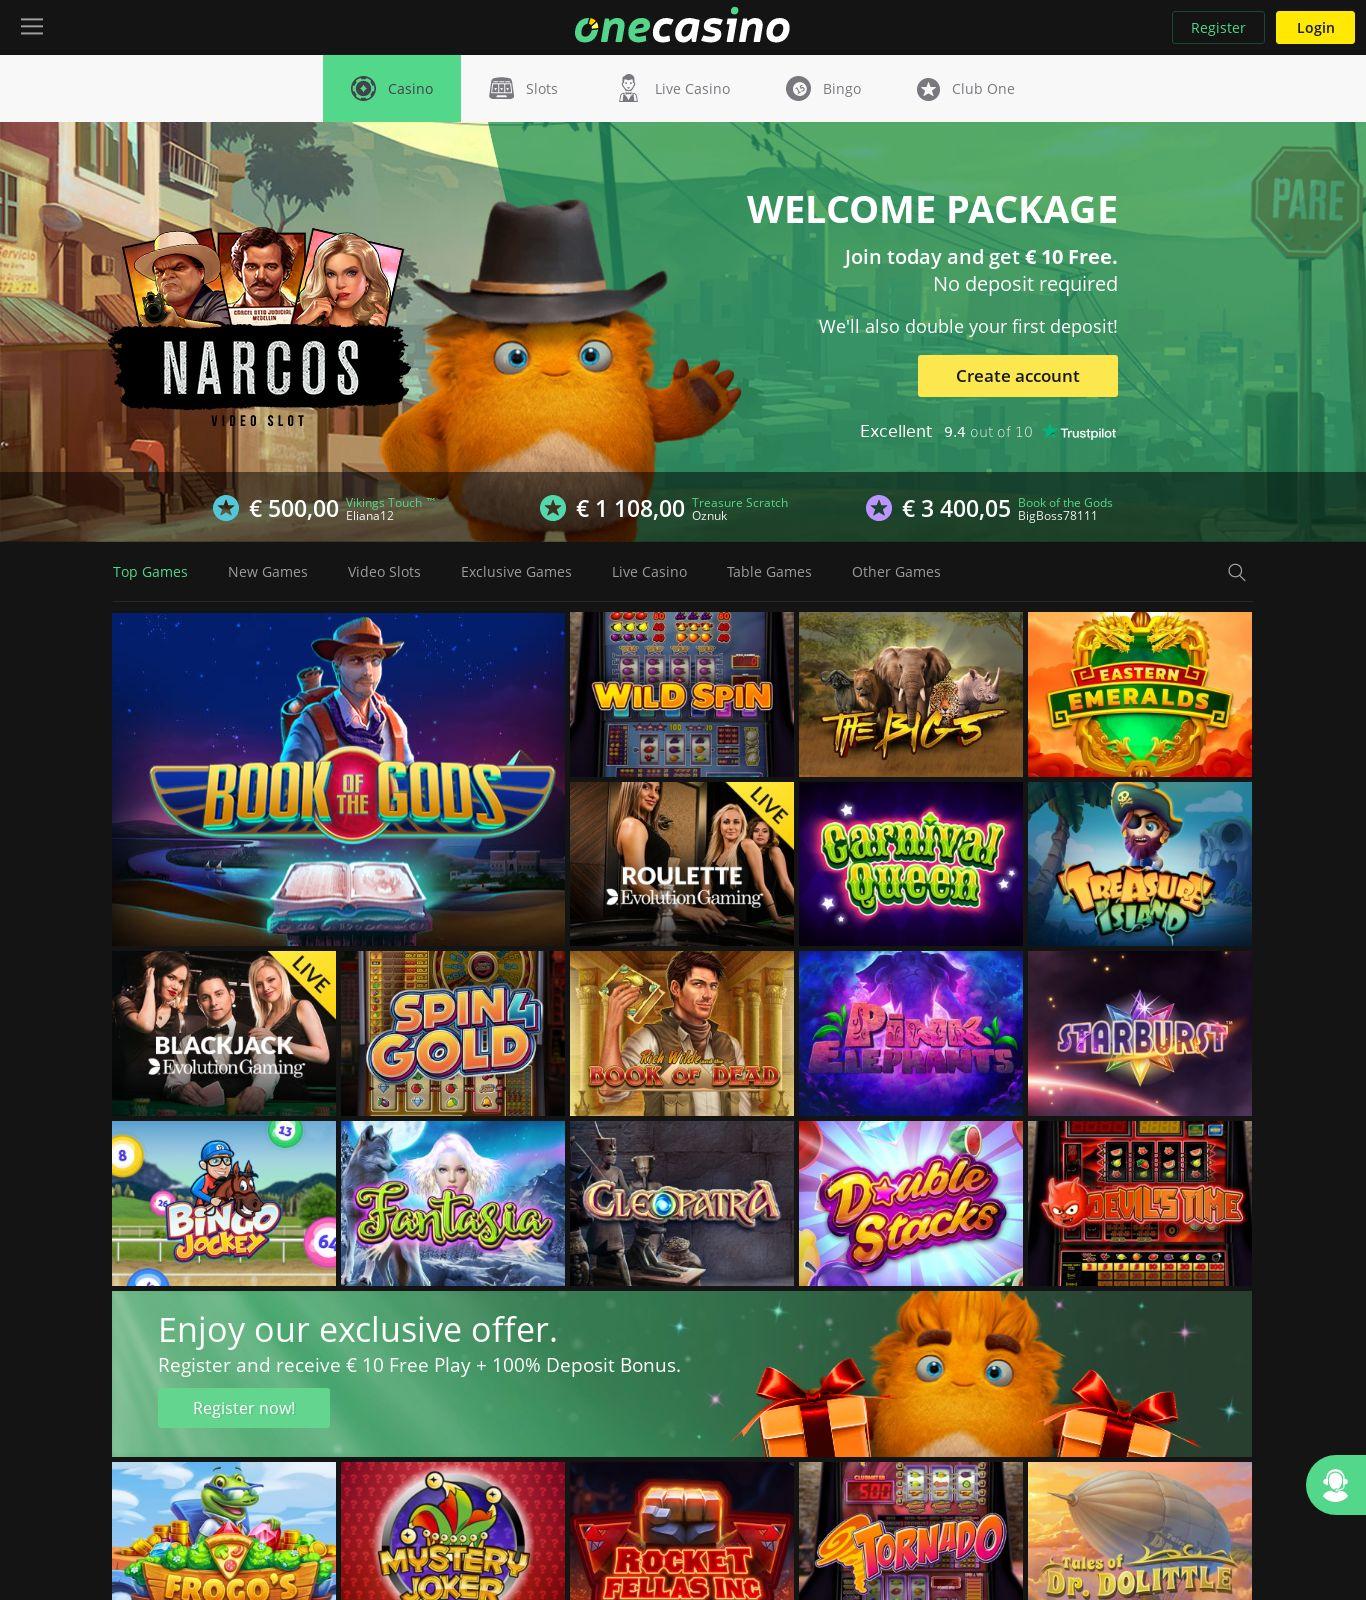 Online Casino Spielen - 500€ Freispiel Im Casino Classic